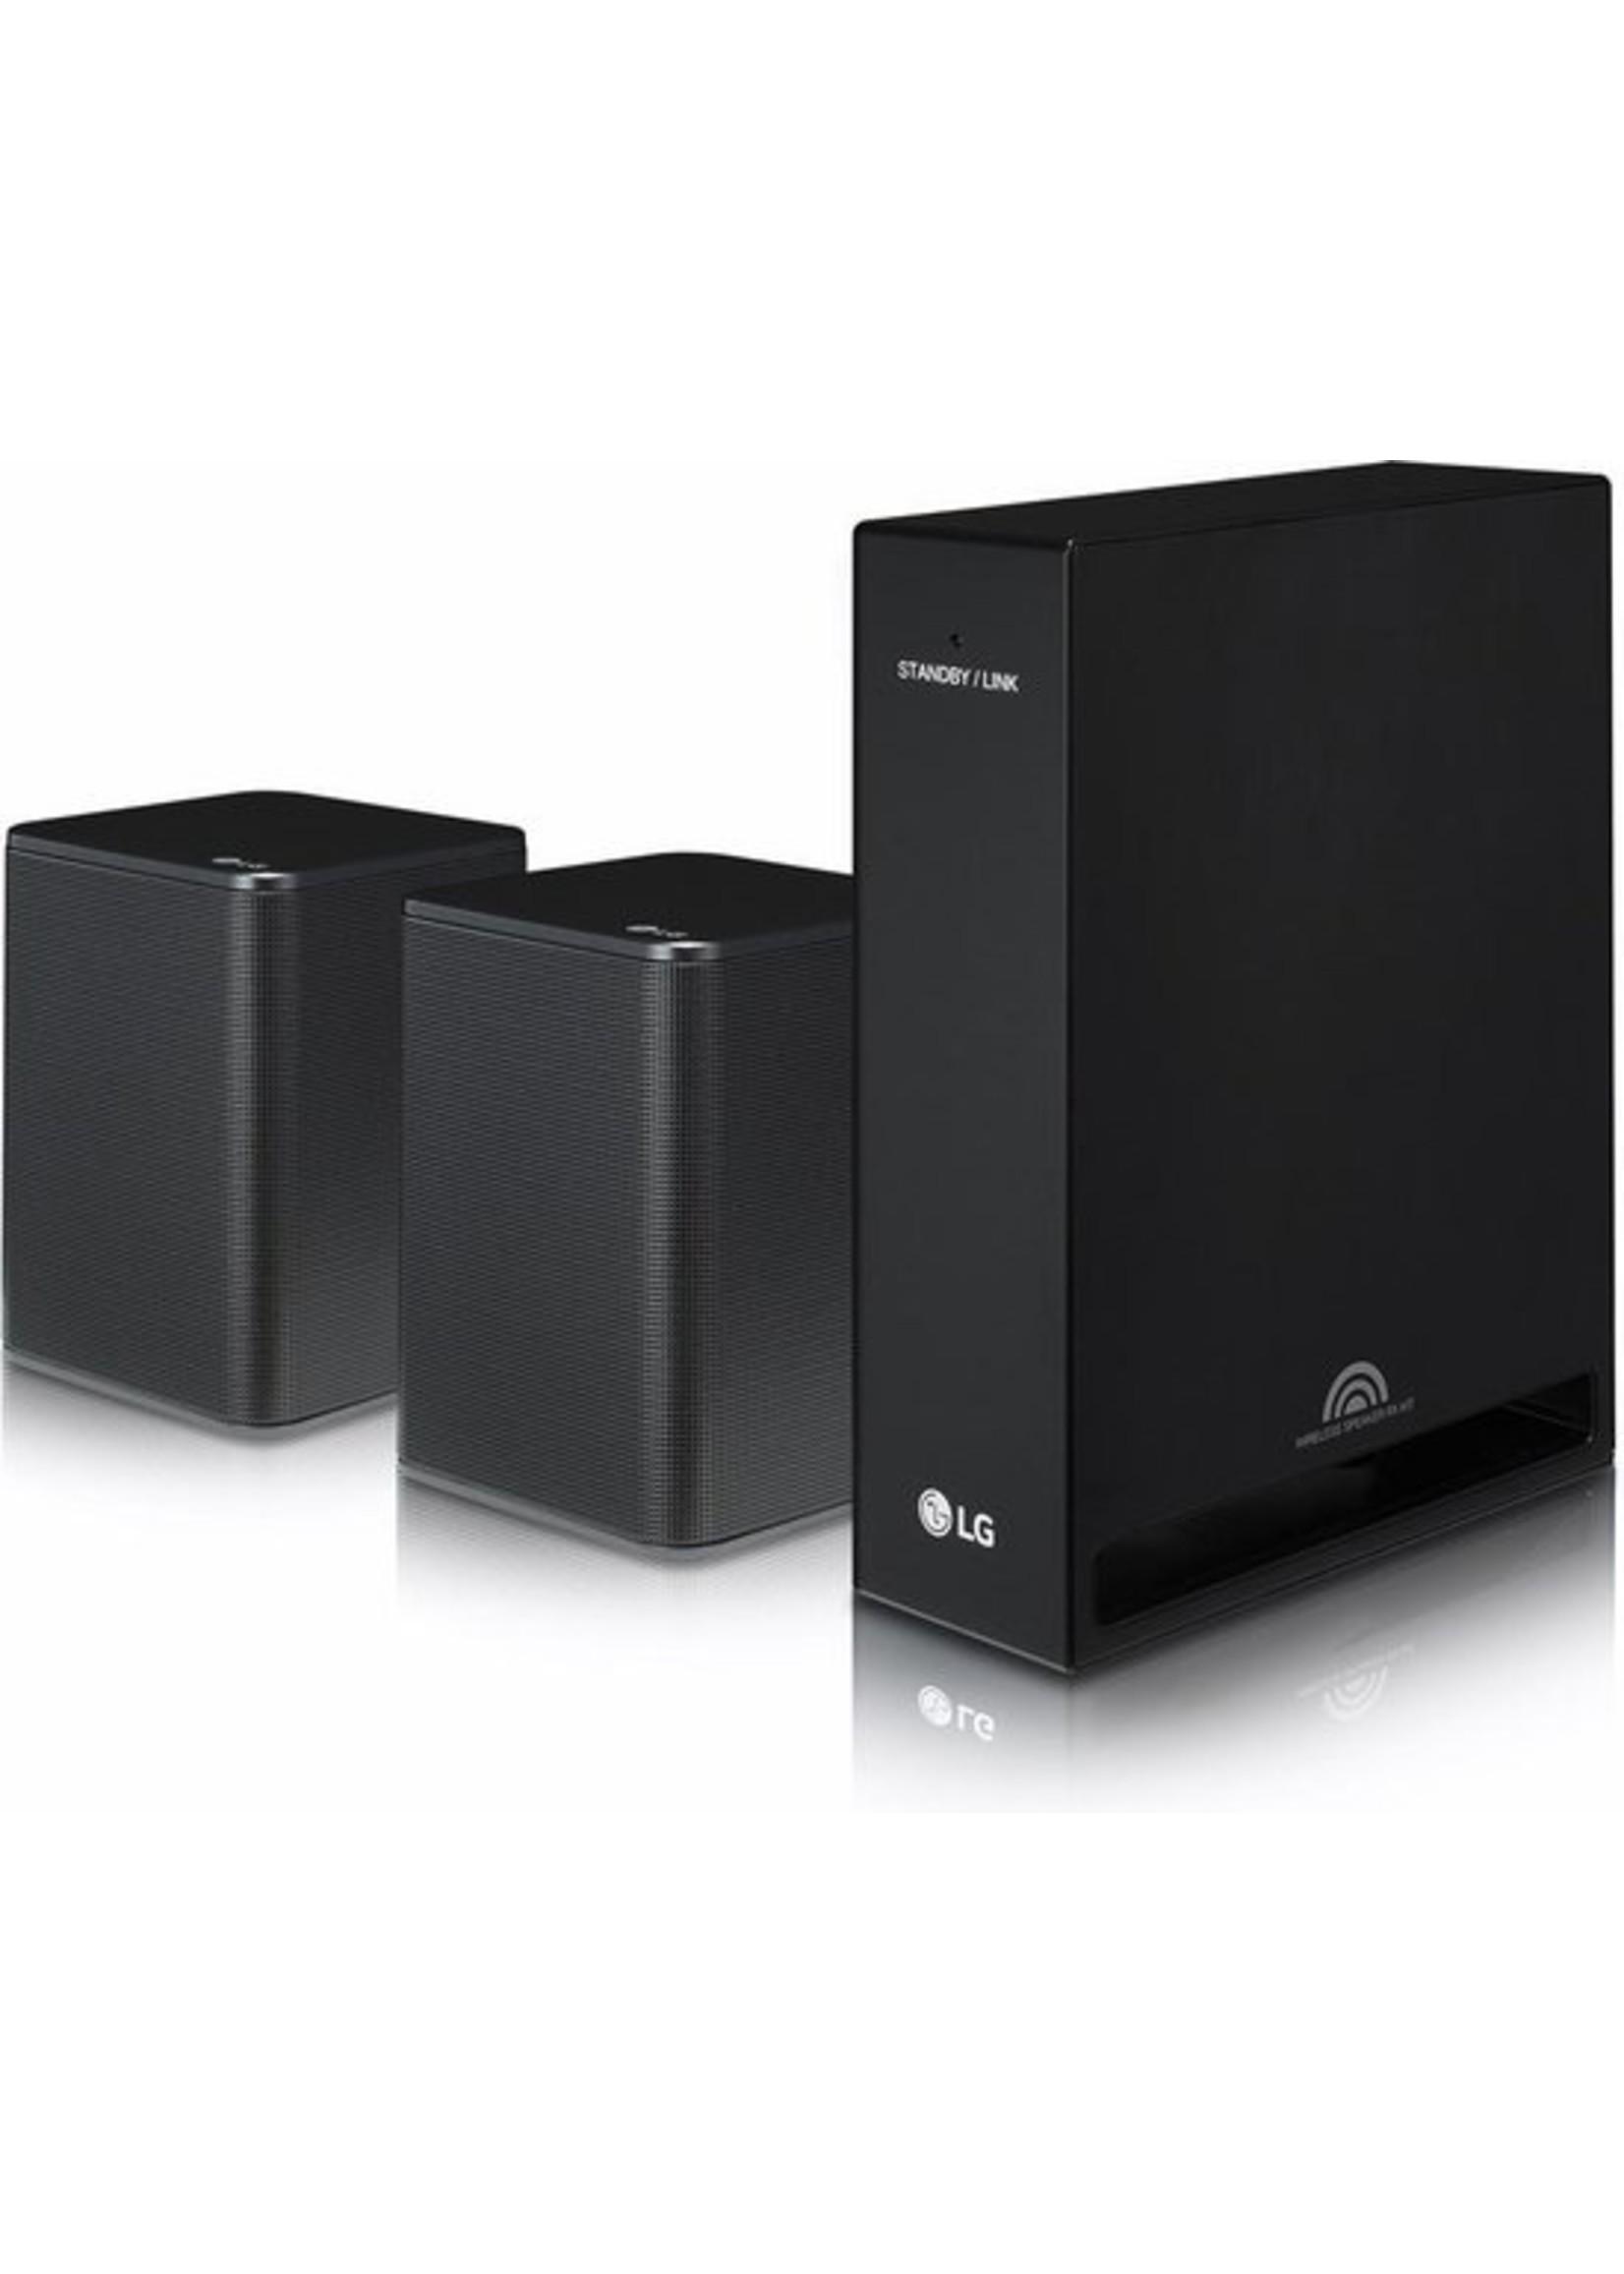 LG LG SPK8 luidspreker set 2.0 kanalen 140 W Zwart